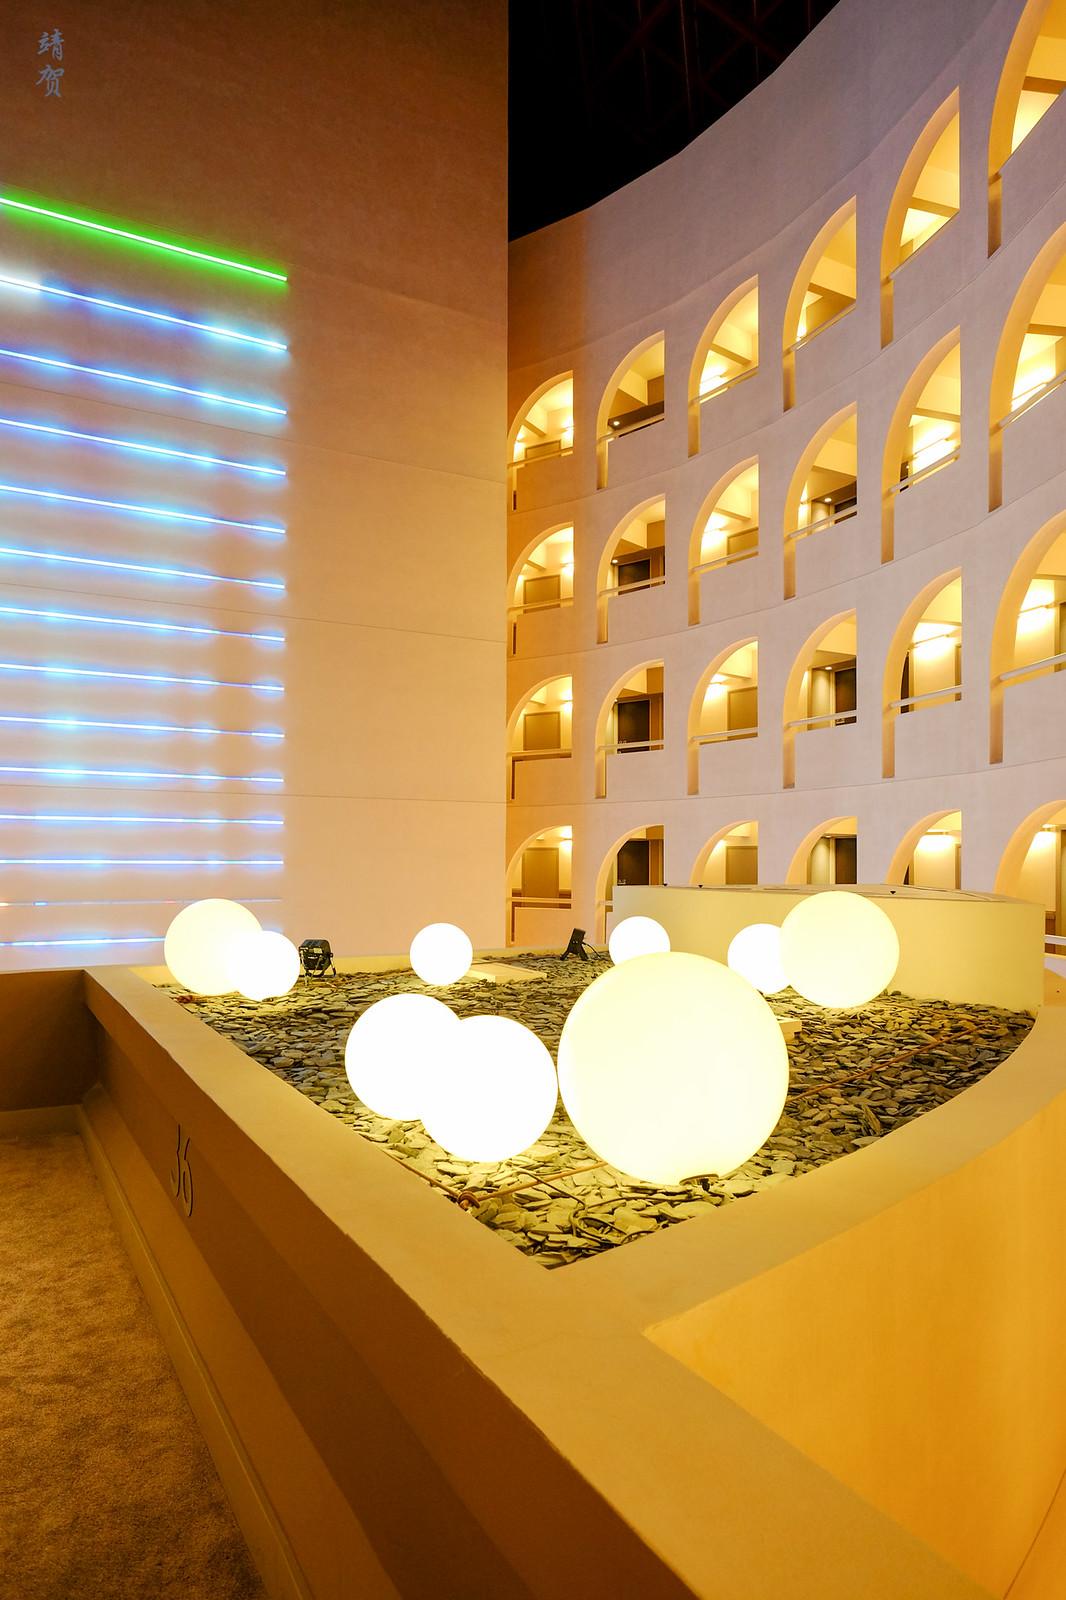 Lights in the atrium